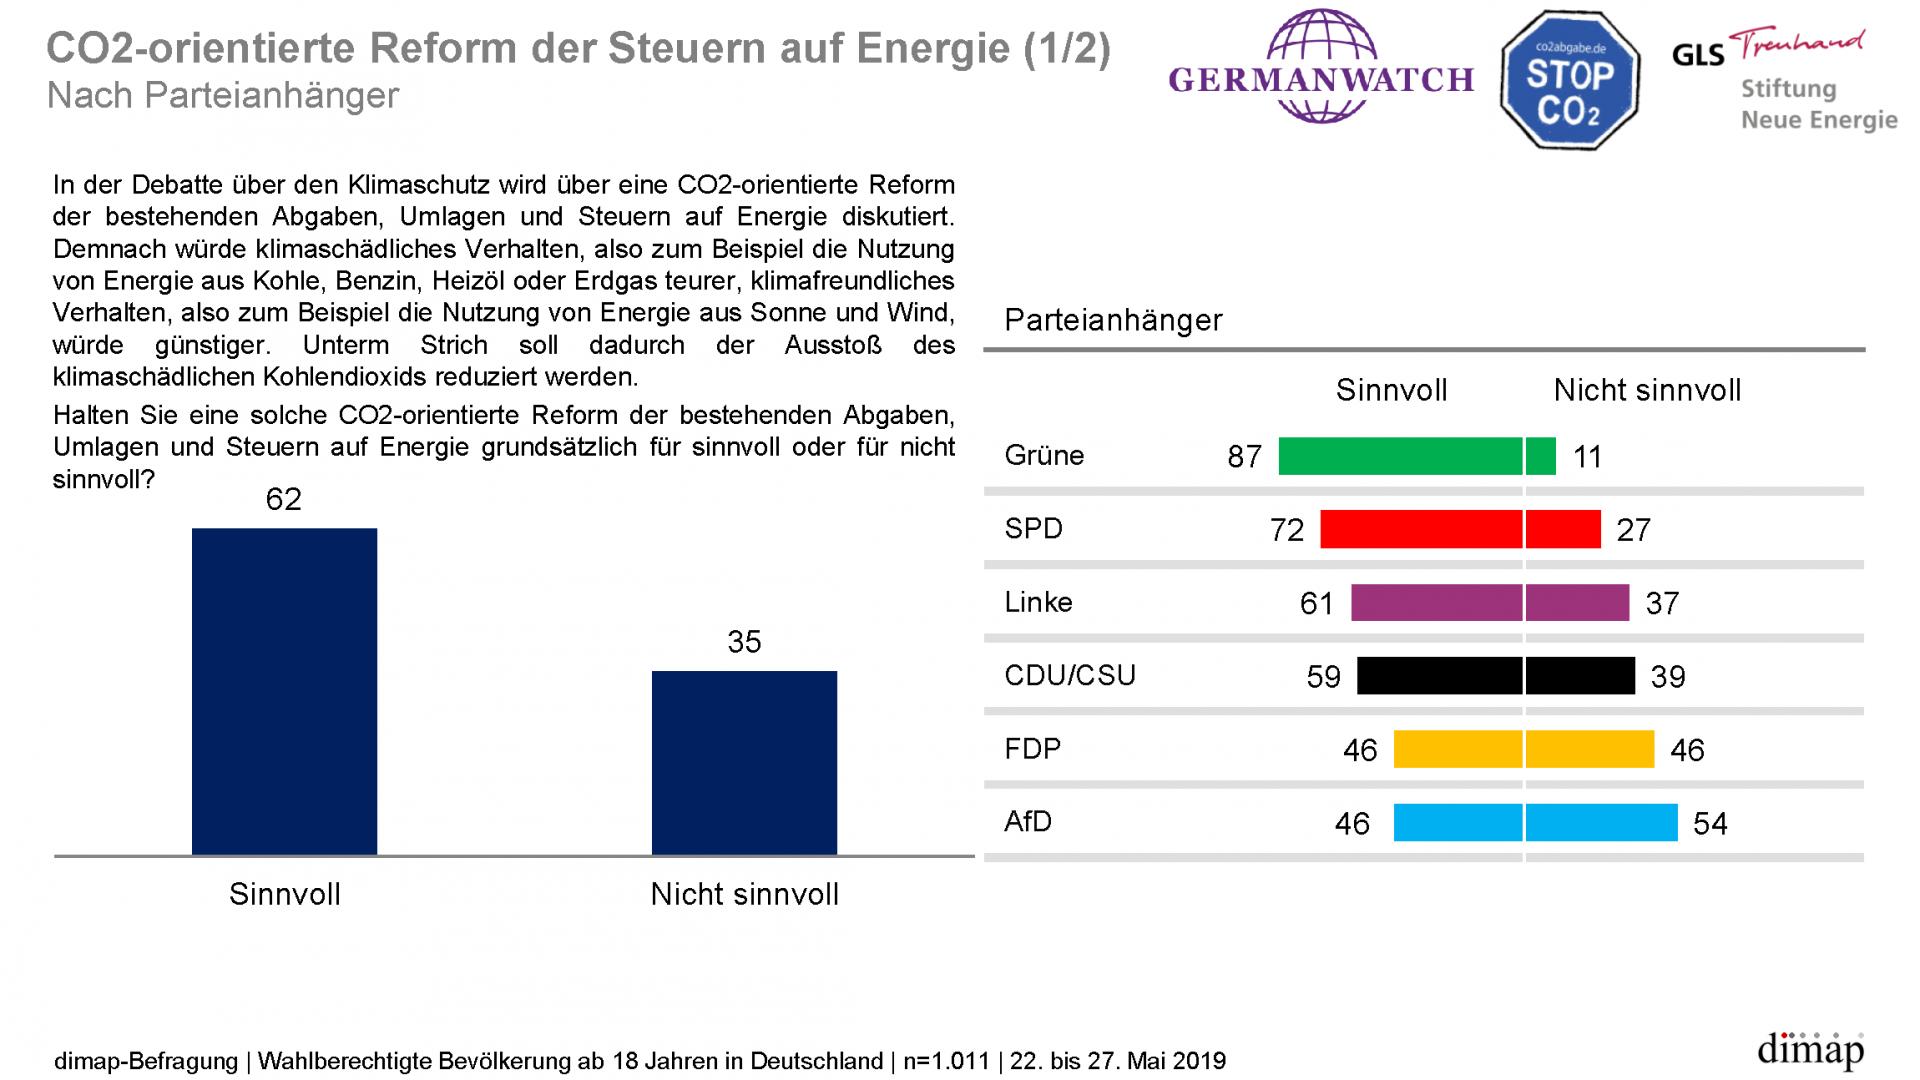 """""""Meinungen zum Klimaschutz"""" - Repräsentative dimap-Umfrage (22. bis 27. Mai 2019) im Auftrag von Germanwatch, Stiftung Neue Energie und CO2 Abgabe e.V., Ergebnisgrafik 9 von 14"""